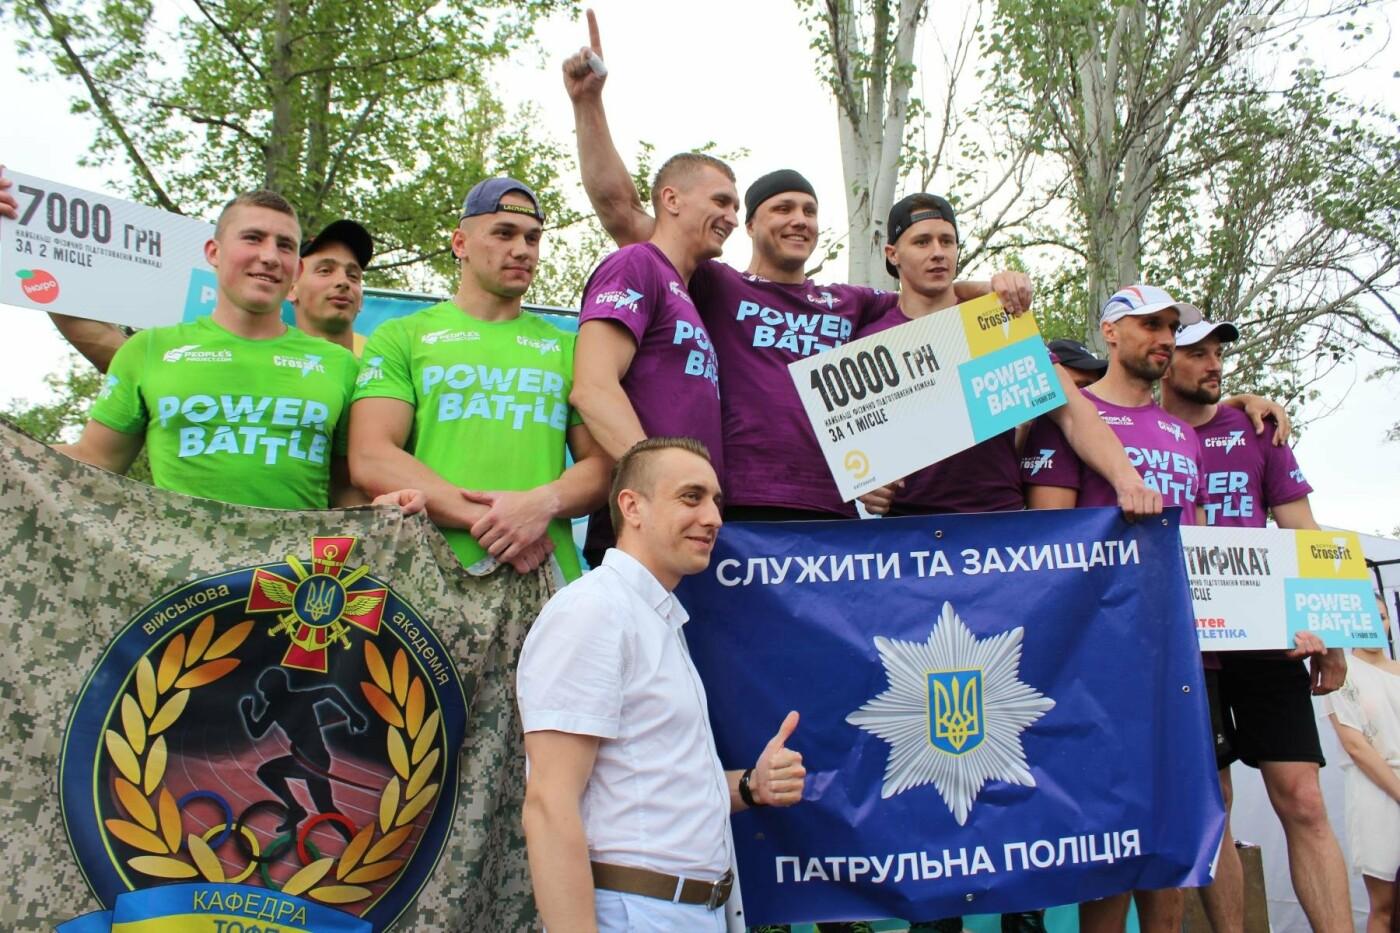 Кто сильнее: в Николаеве прошли соревнования по кроссфиту среди силовых структур, - ФОТО, ВИДЕО, фото-15